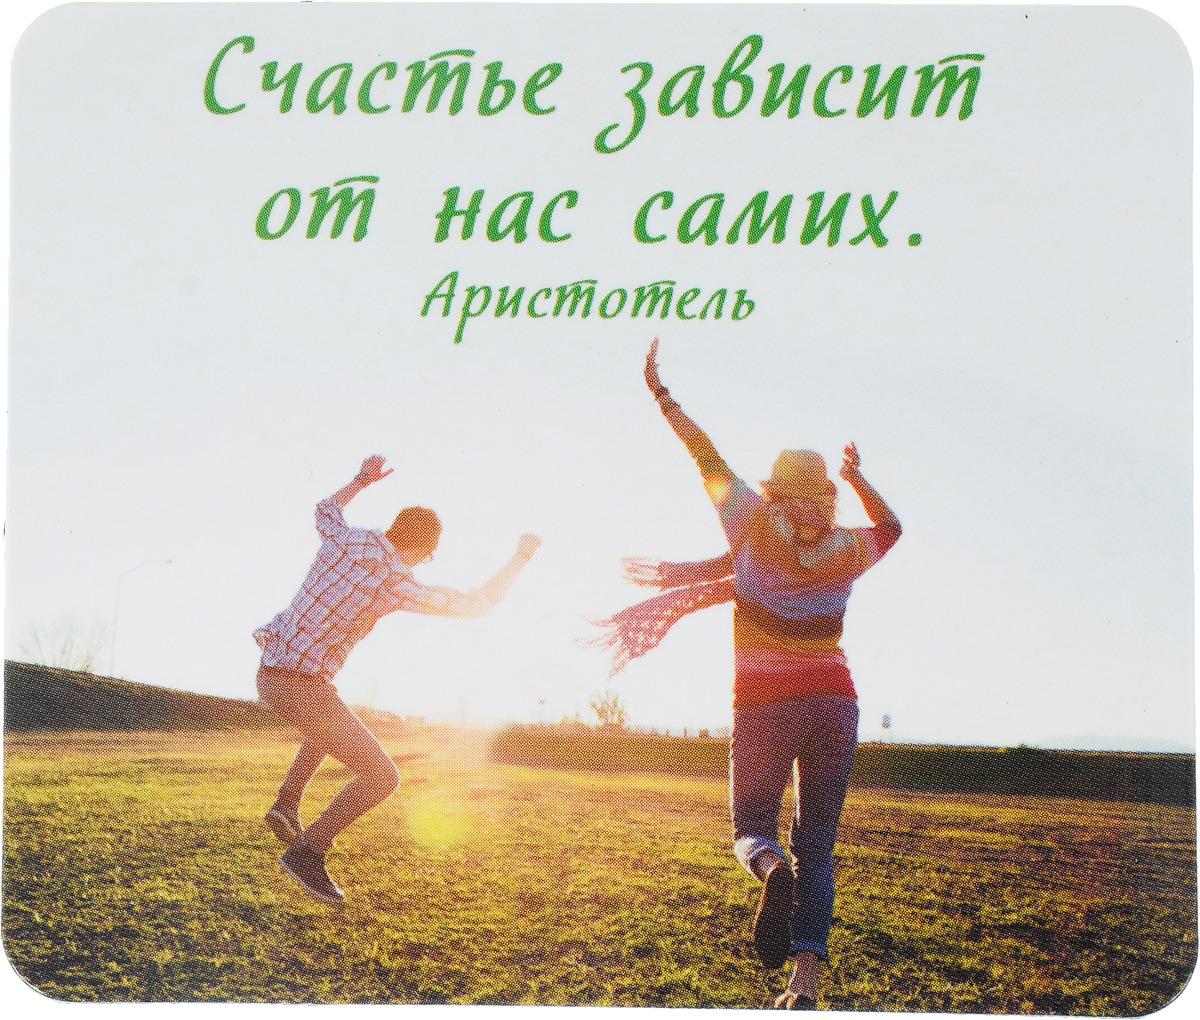 Магнит сувенирный Miland Счастье зависит от нас самих, Т-3313, мультиколор